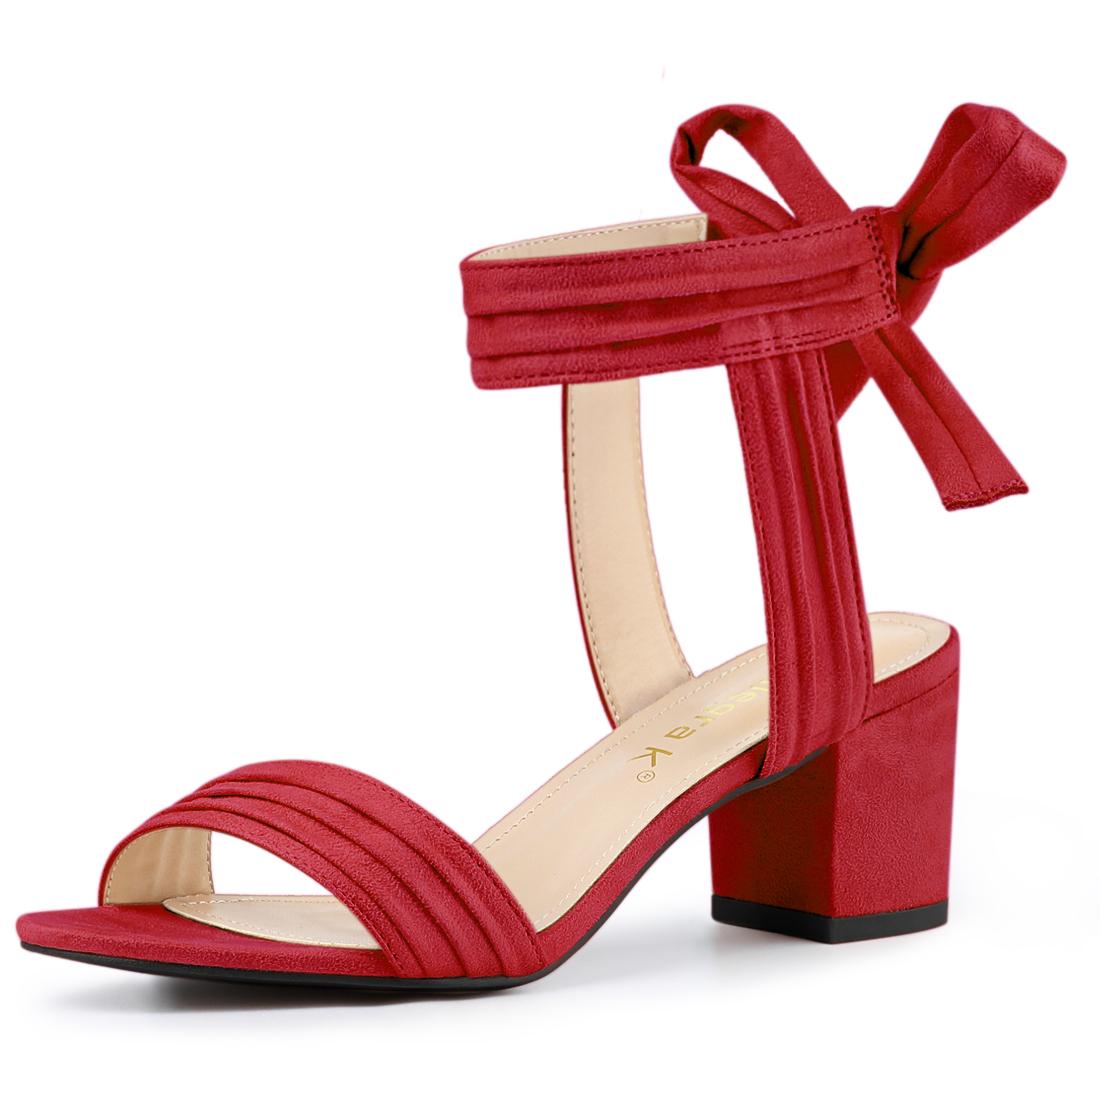 Allegra K Women's Open Toe Ankle Tie Back Block Heel Sandals Red US 5